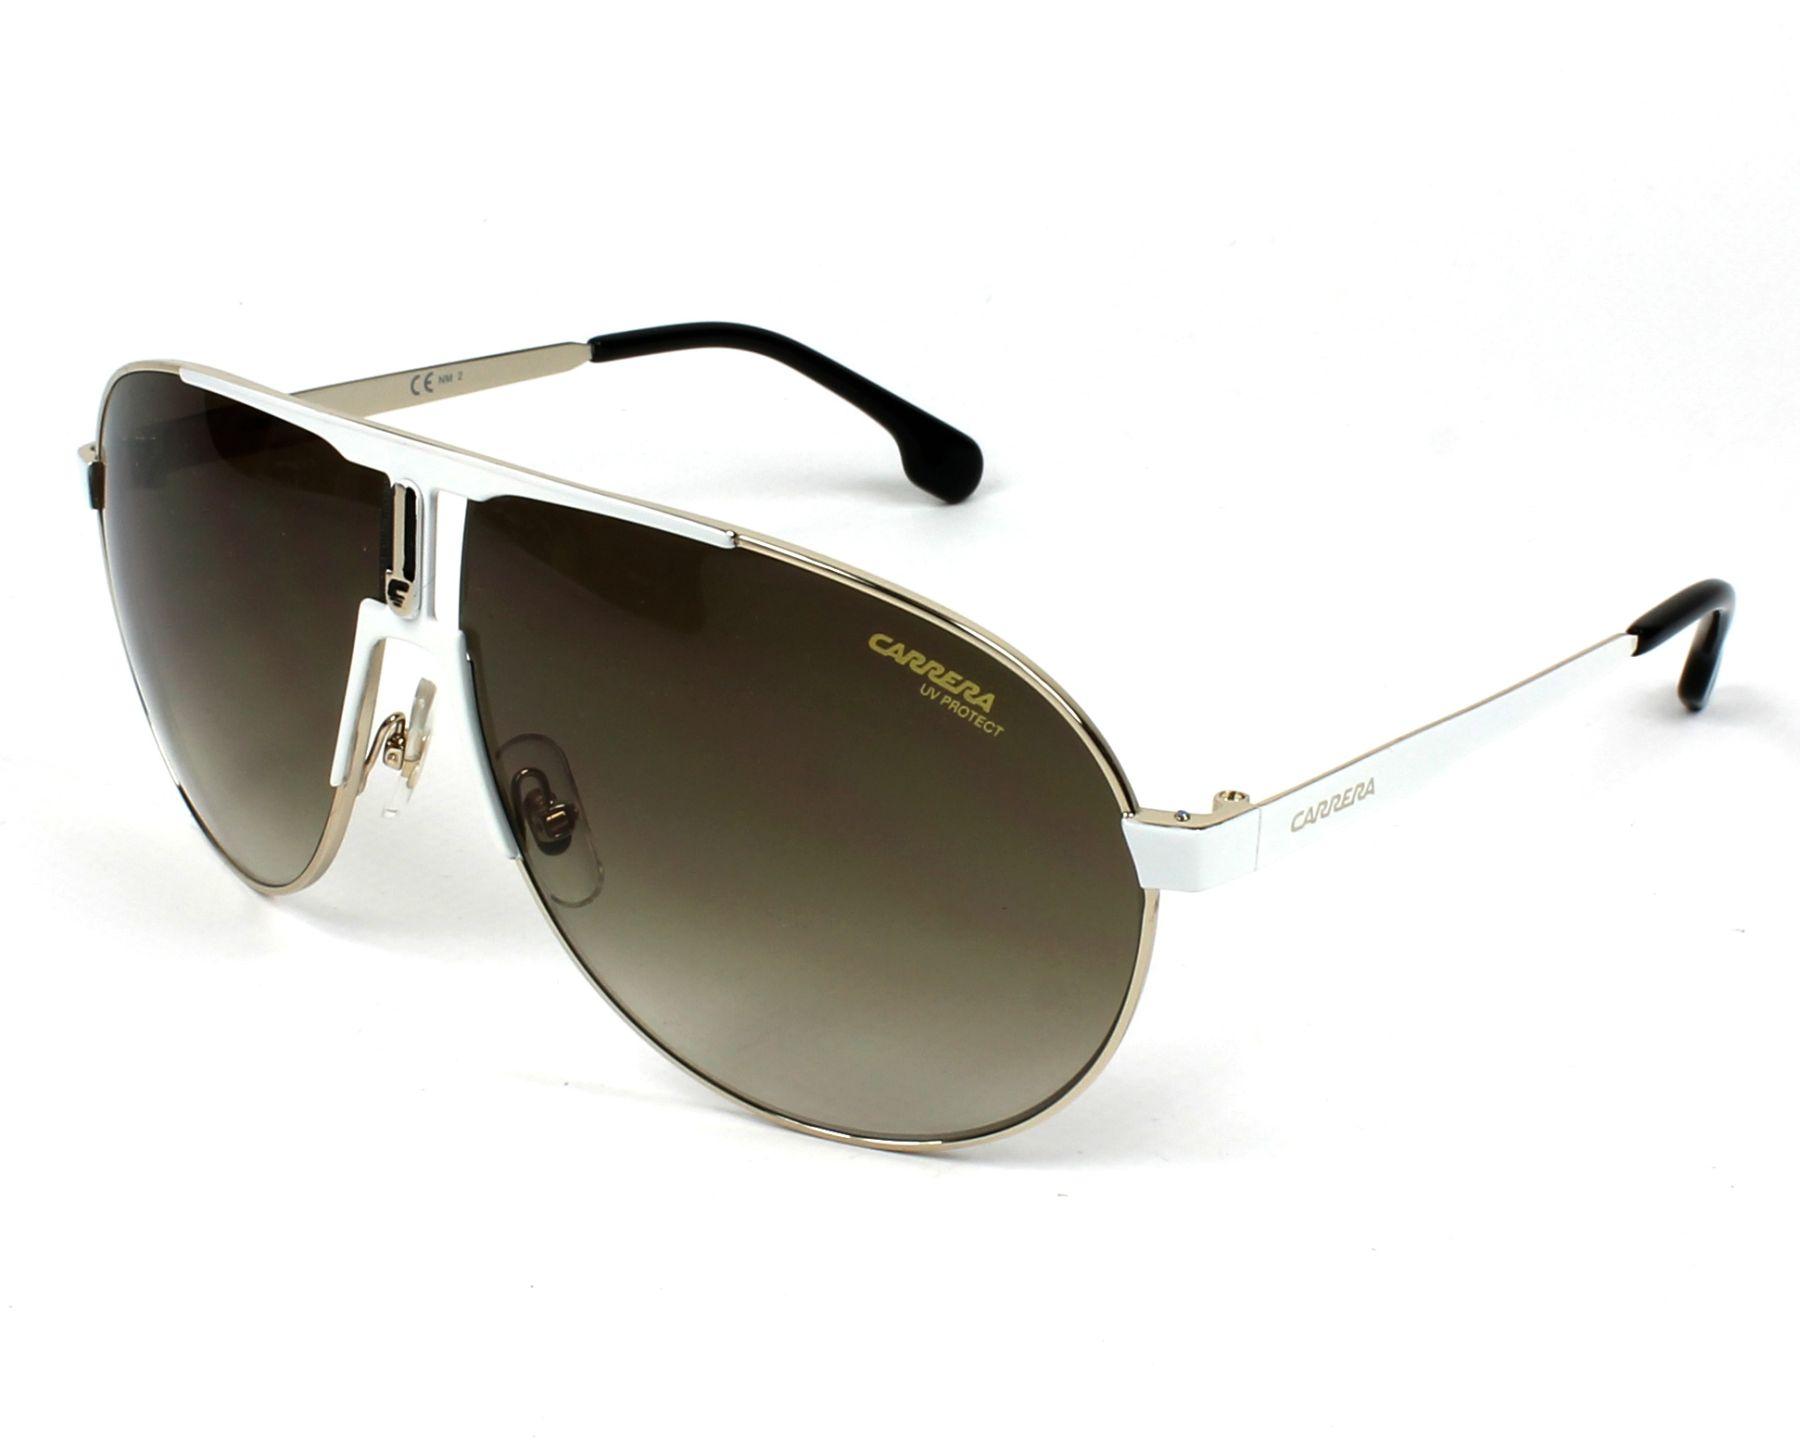 Sunglasses Carrera 1005-S B4E HA 66-9 White Gold profile view d8f536d424